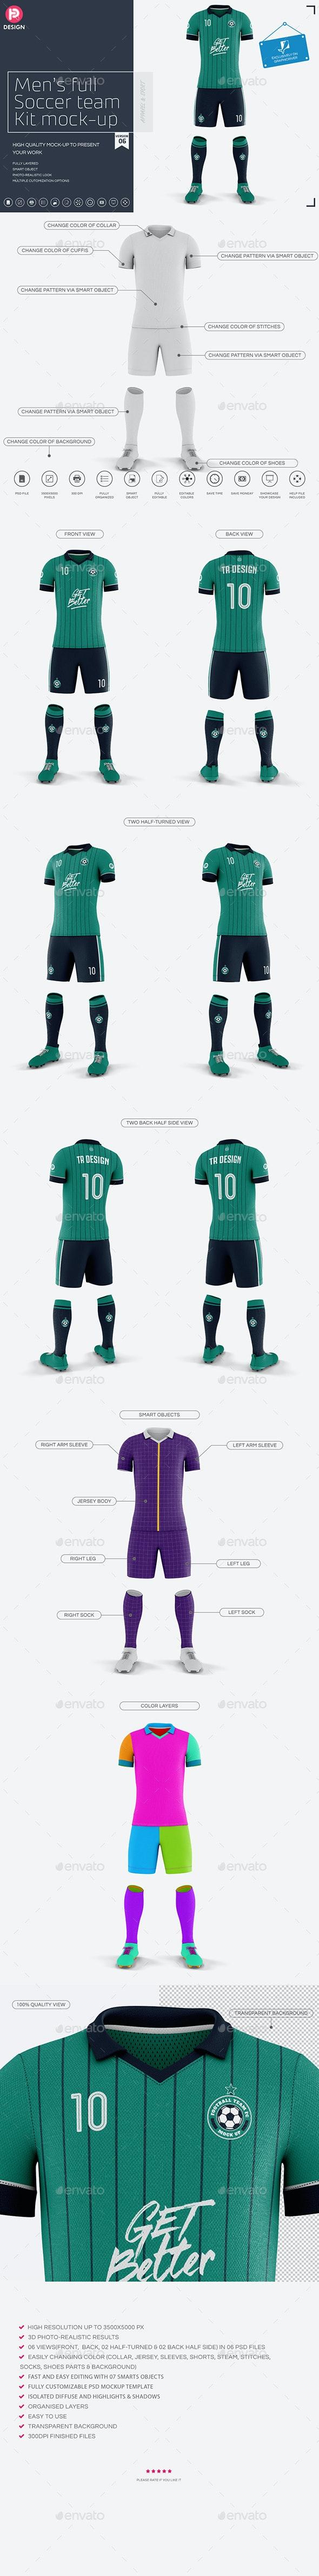 Men's Full Soccer Team Kit Mockup V6 - Miscellaneous Product Mock-Ups